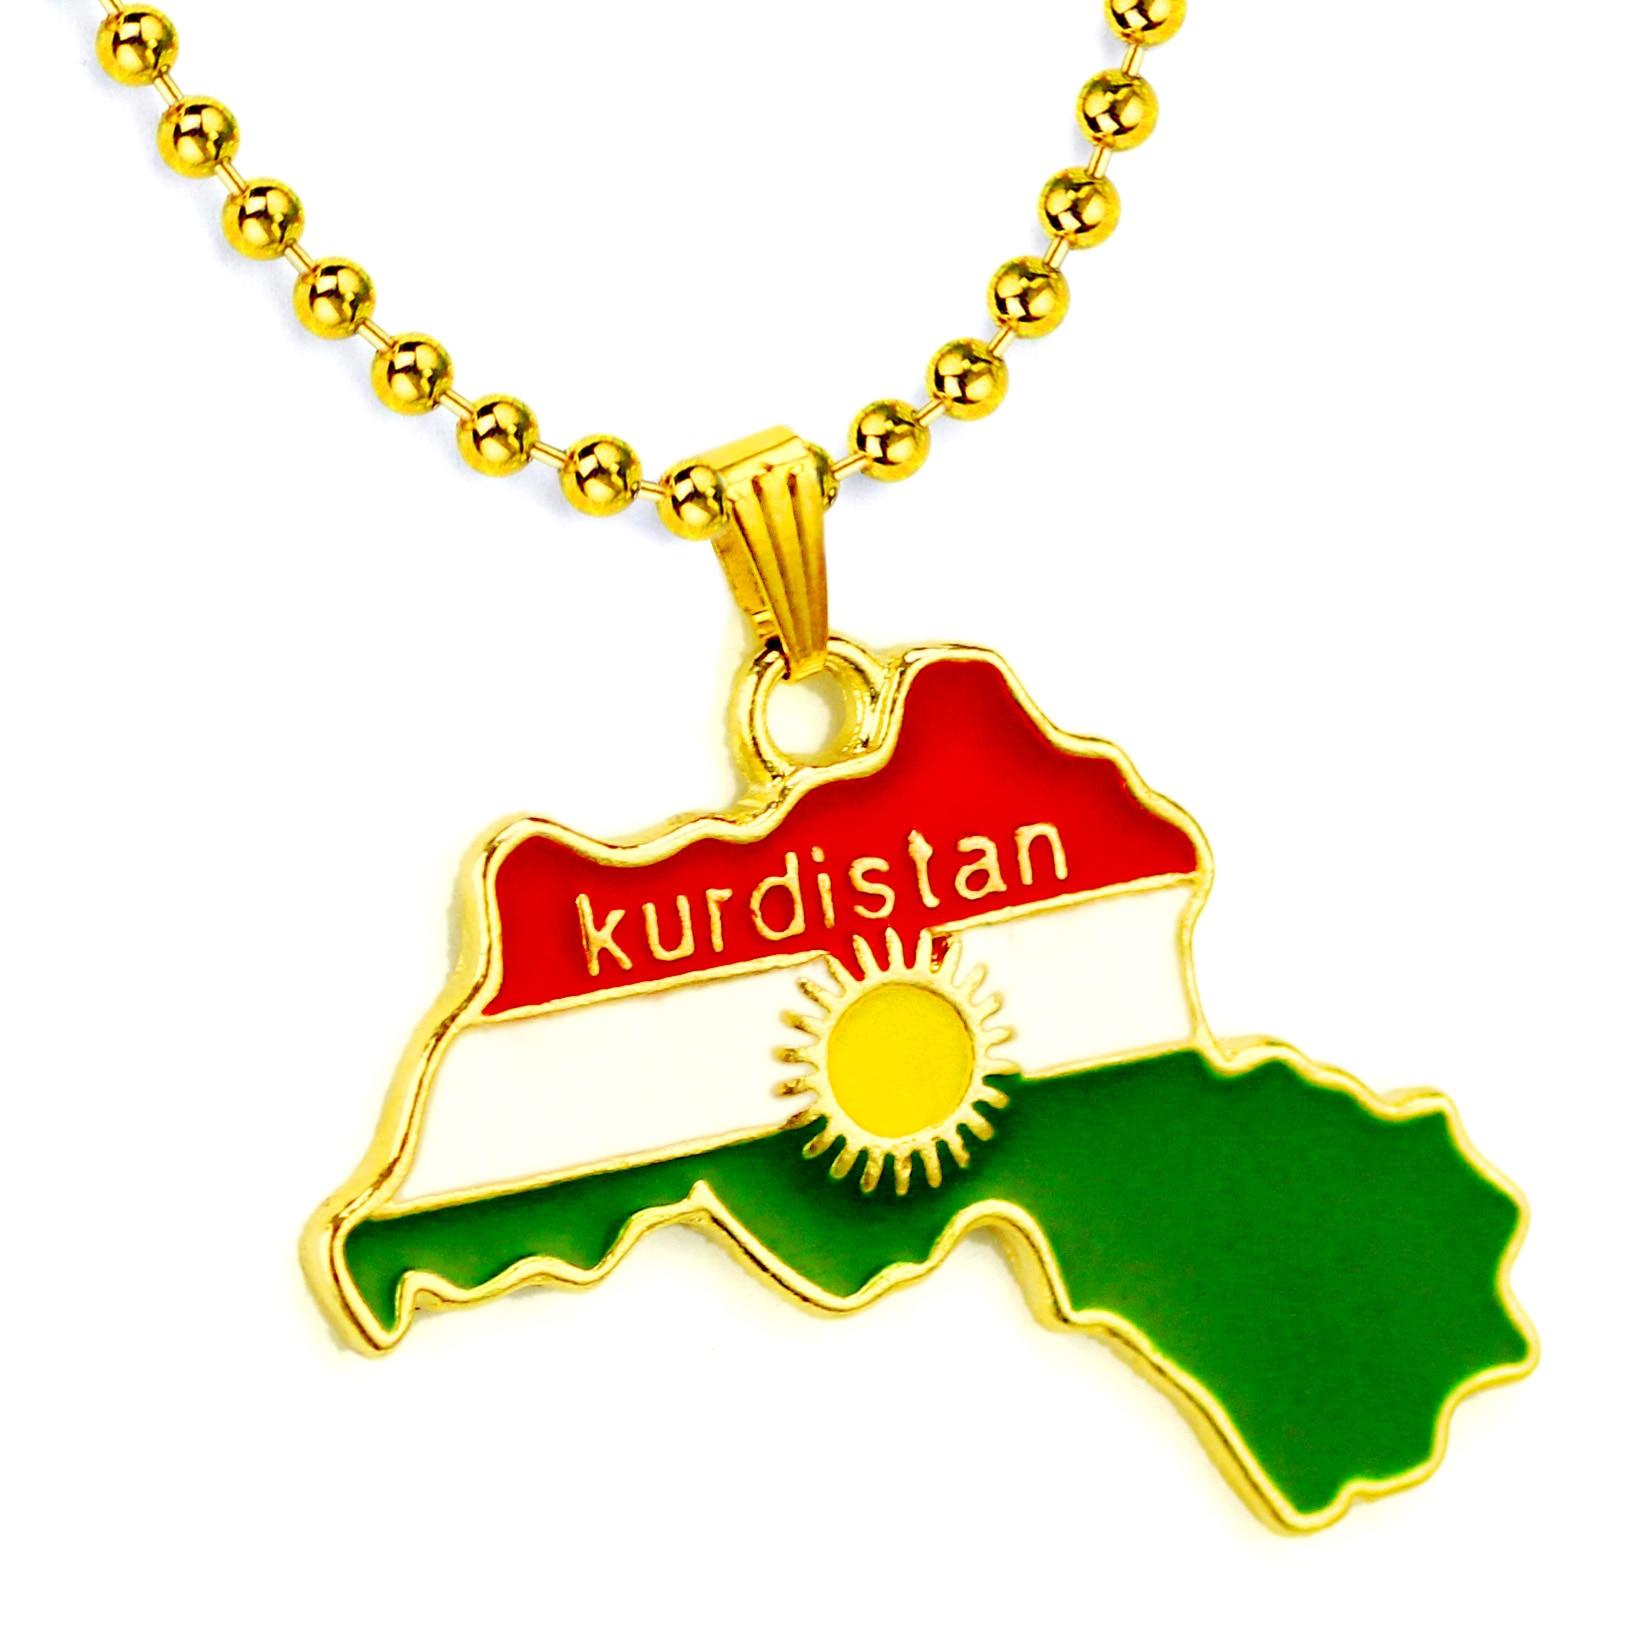 صور علم كوردستان HTB1xogcaUgQMeJjy0Fiq6xhqXXaS